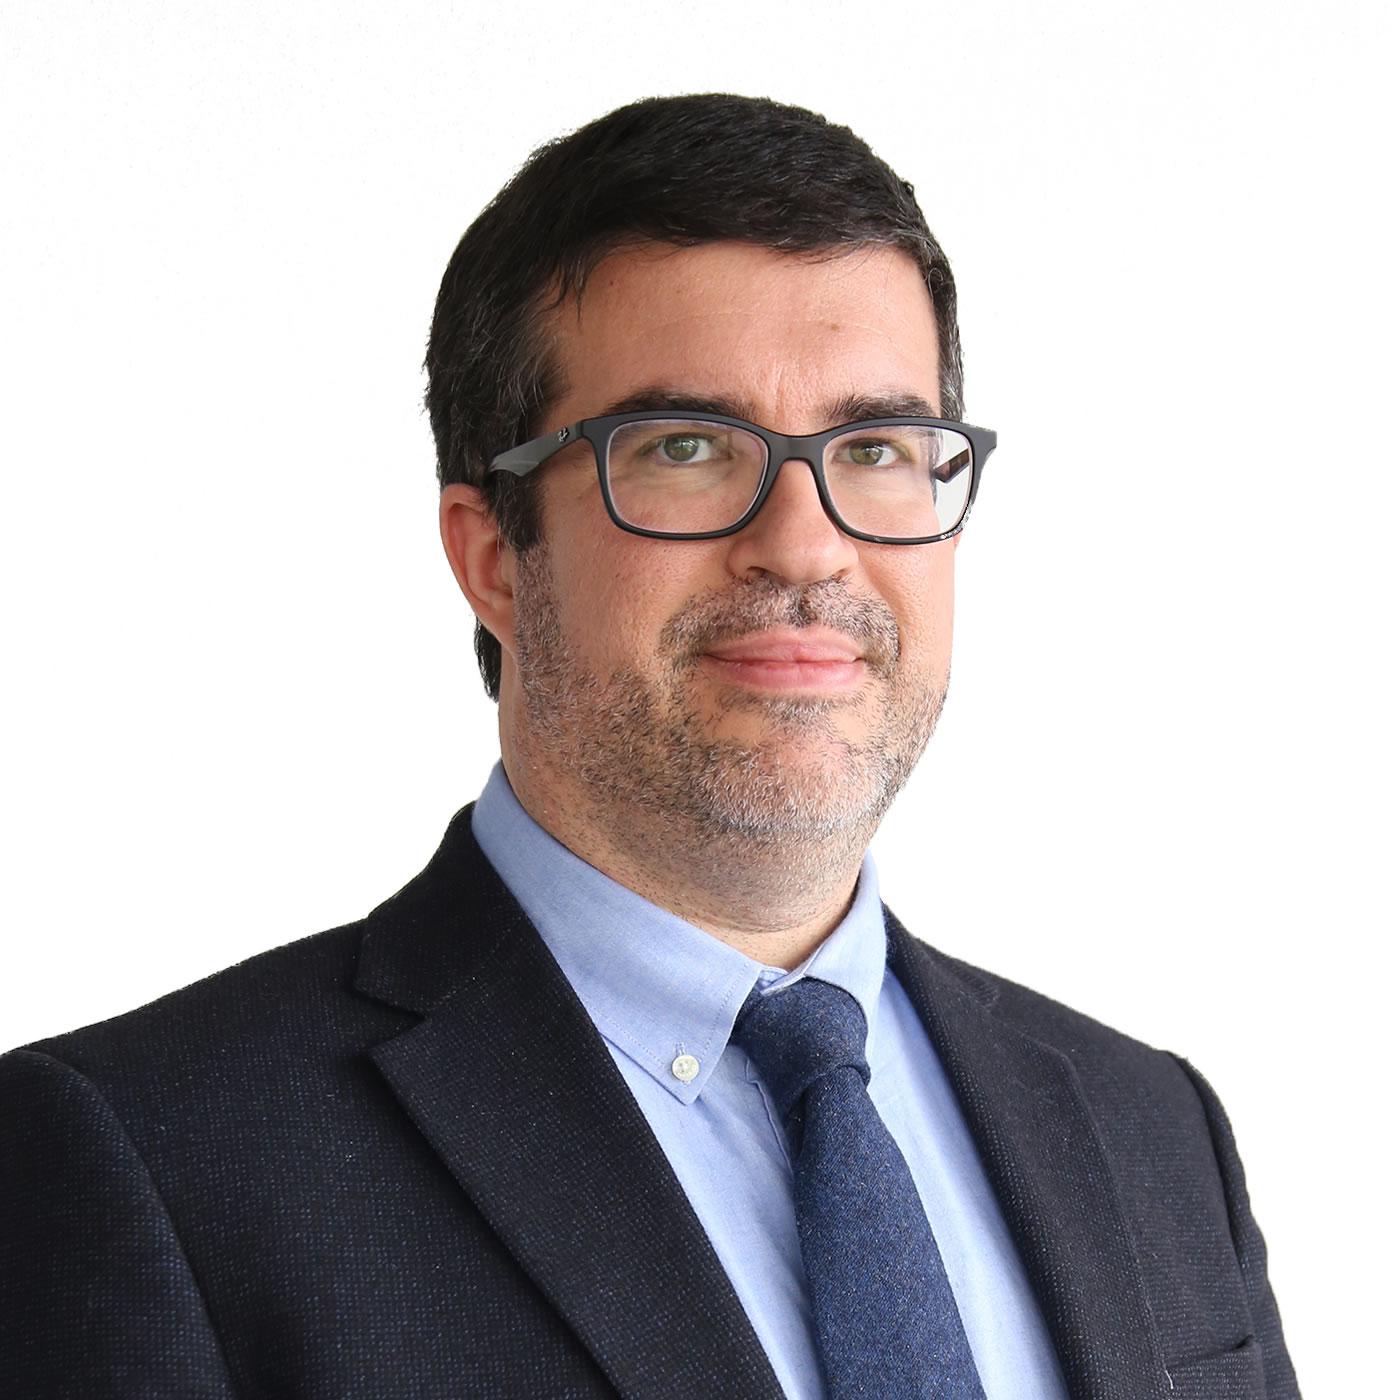 Giovanni Ranza